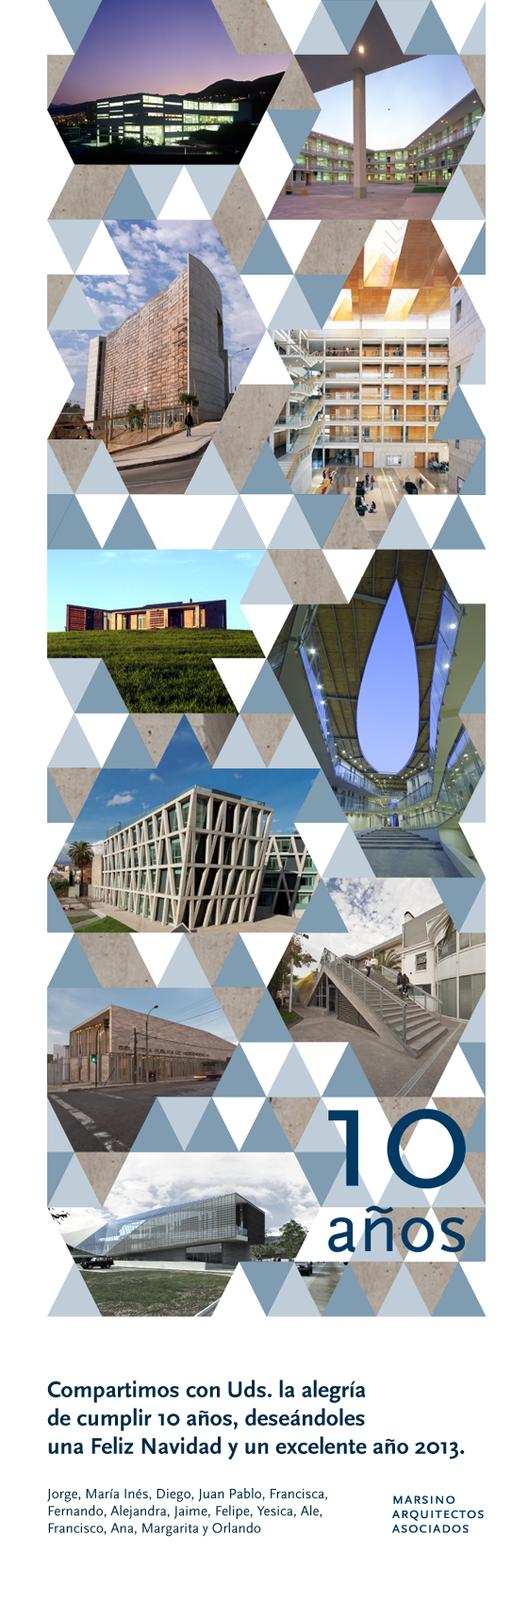 Marsino Arquitectos Asociados